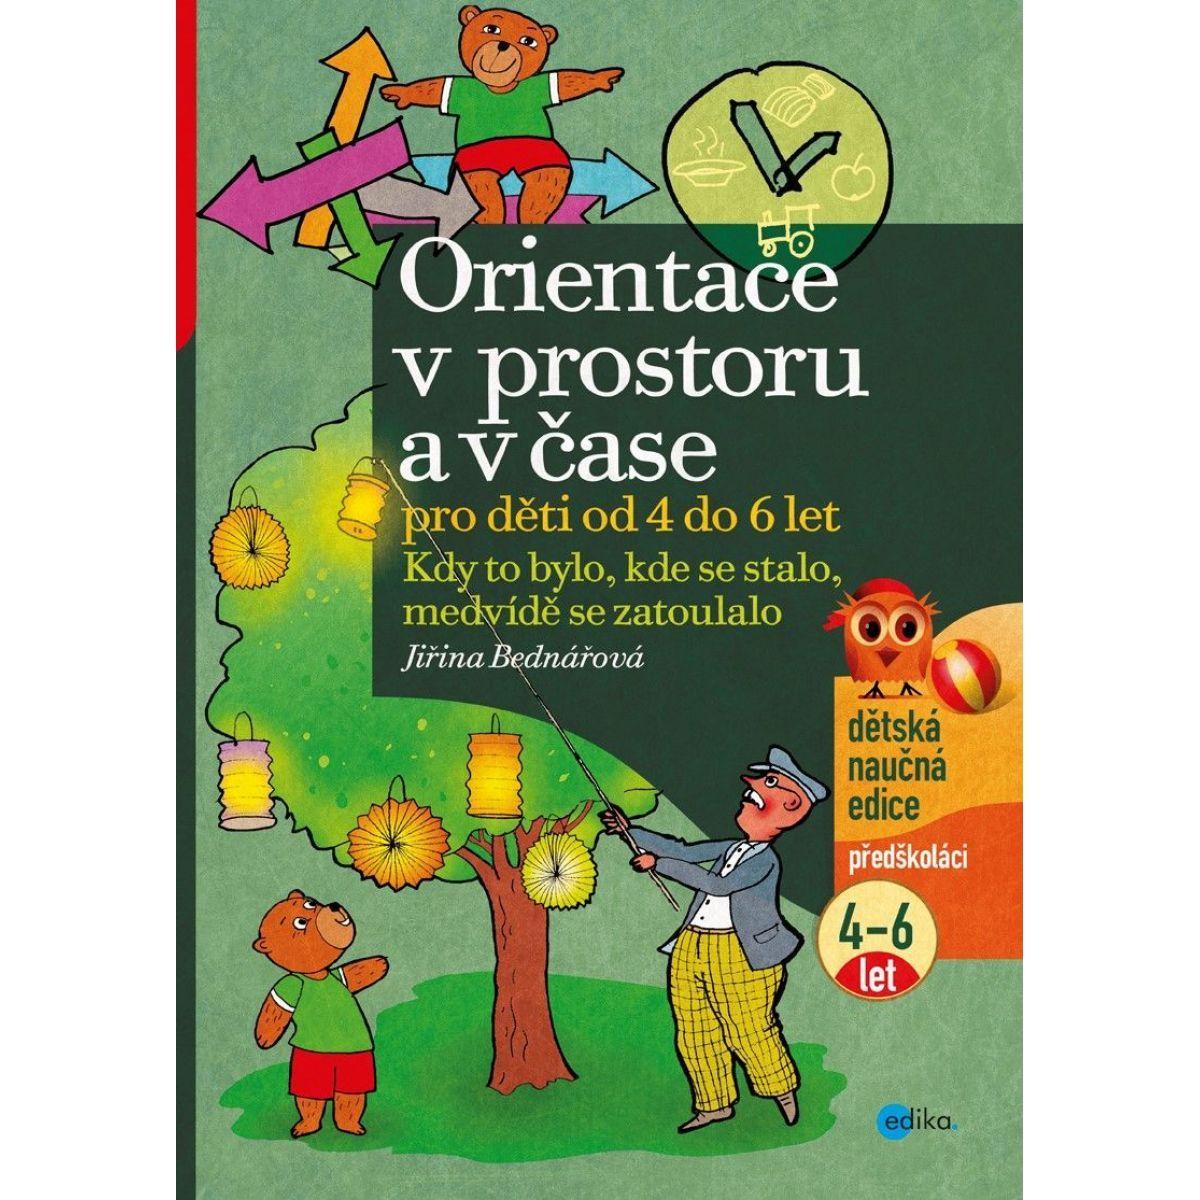 Albatros Orientace v prostoru a čase pro děti od 4 do 6 let 06f19a32bd